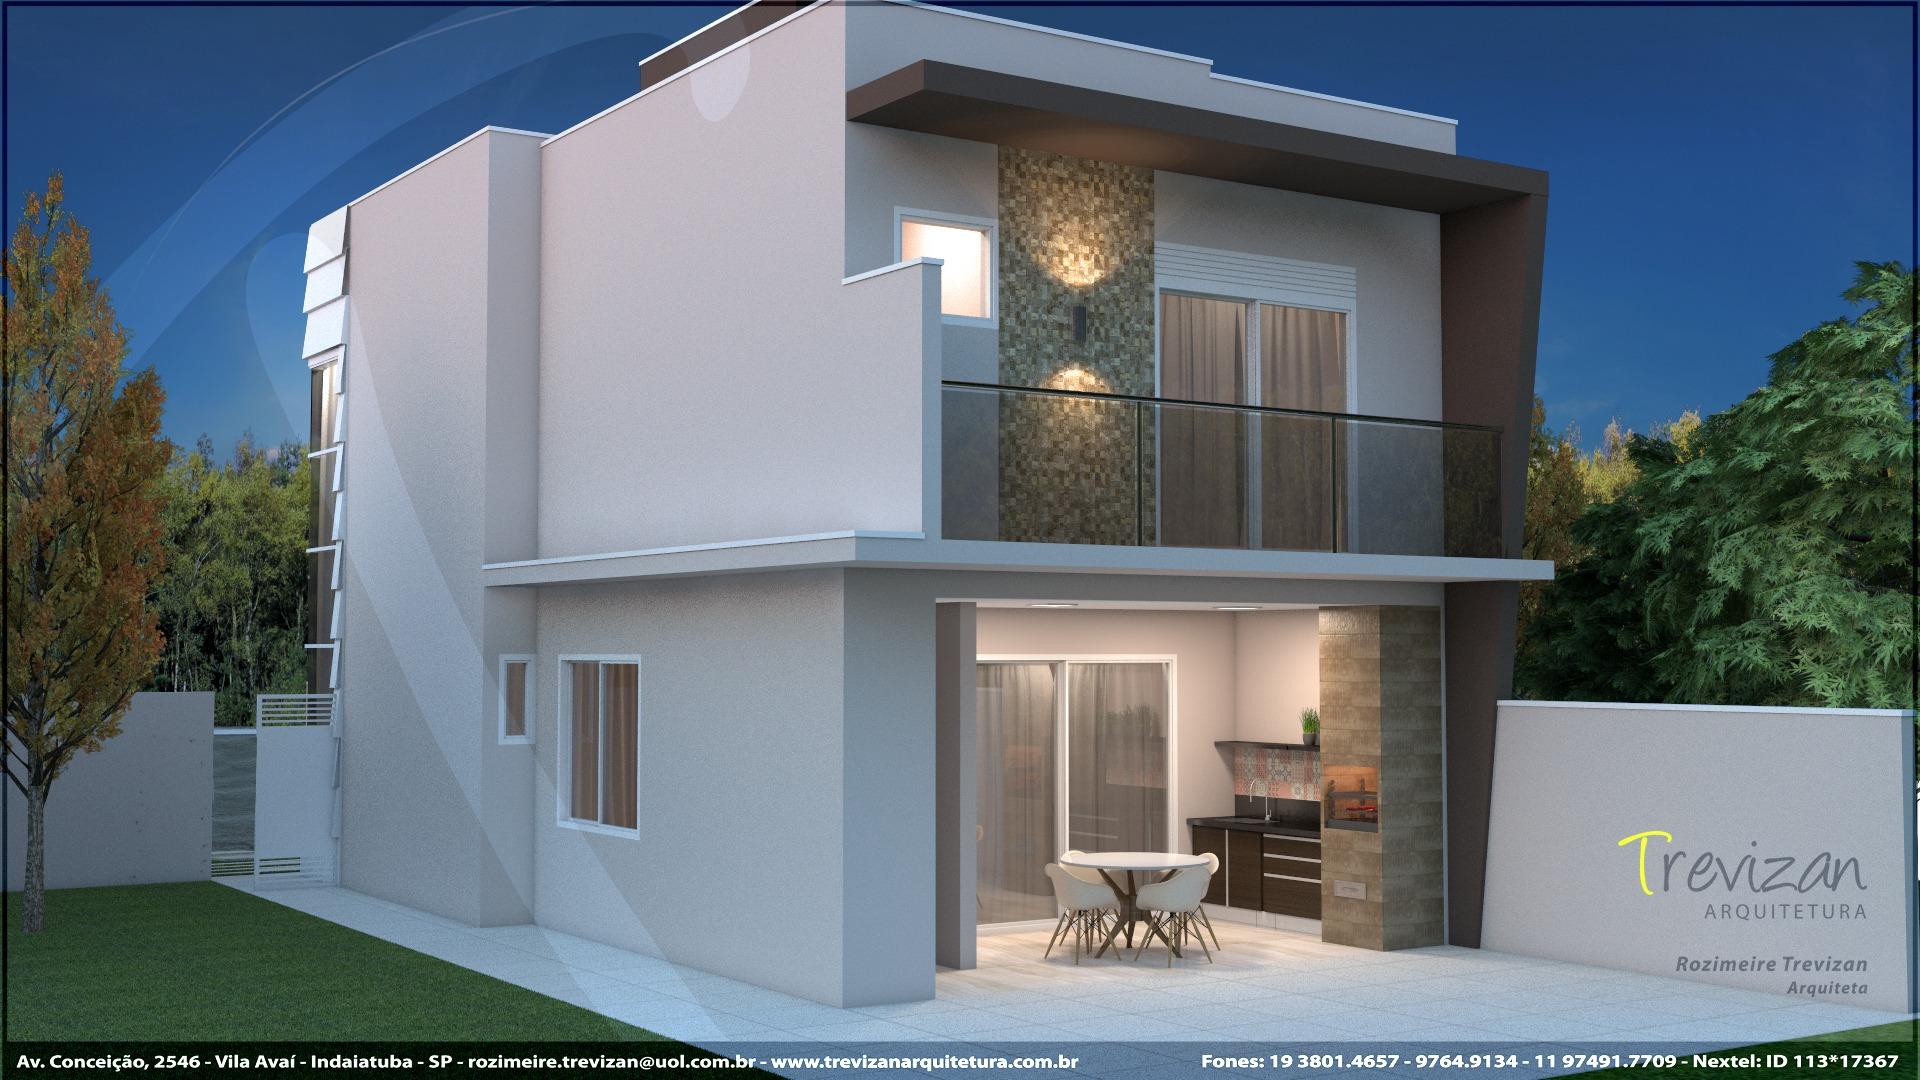 comprar ou alugar casa no bairro park real na cidade de indaiatuba-sp